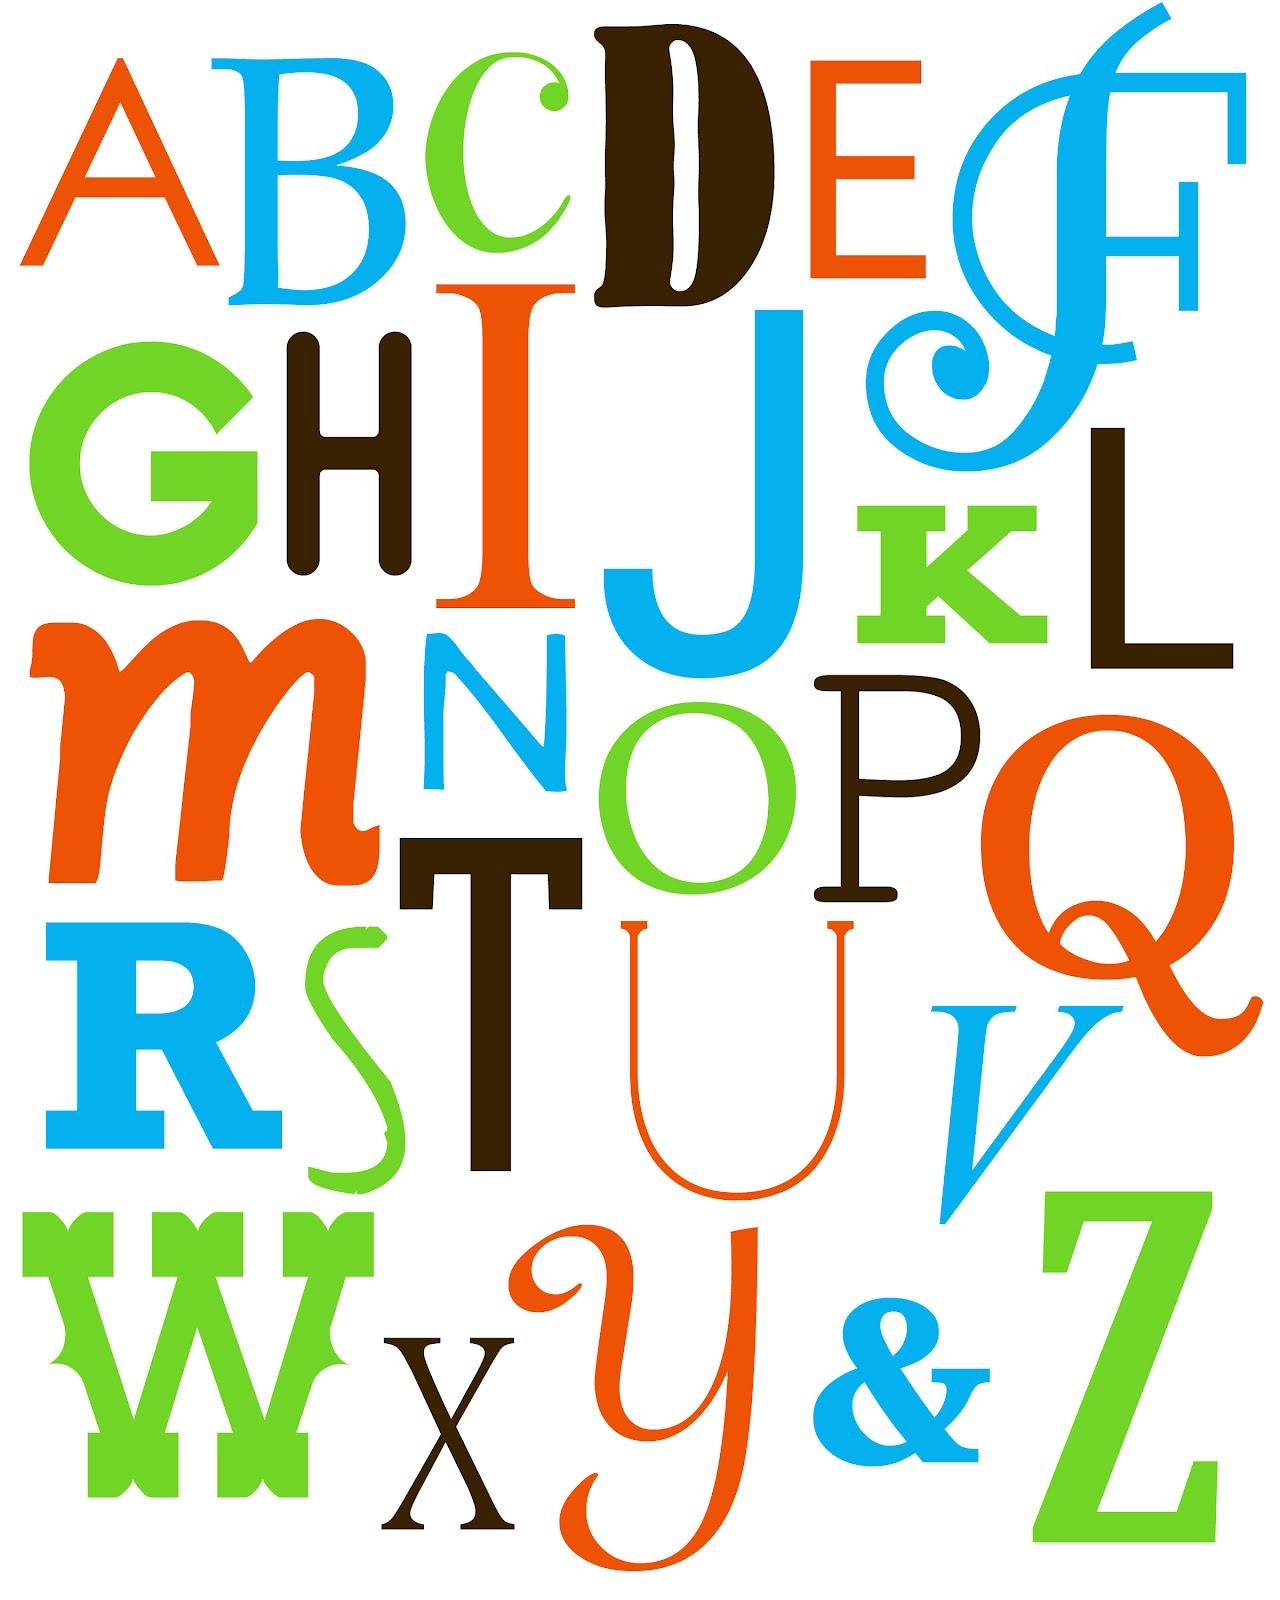 clip art abc letters - photo #43